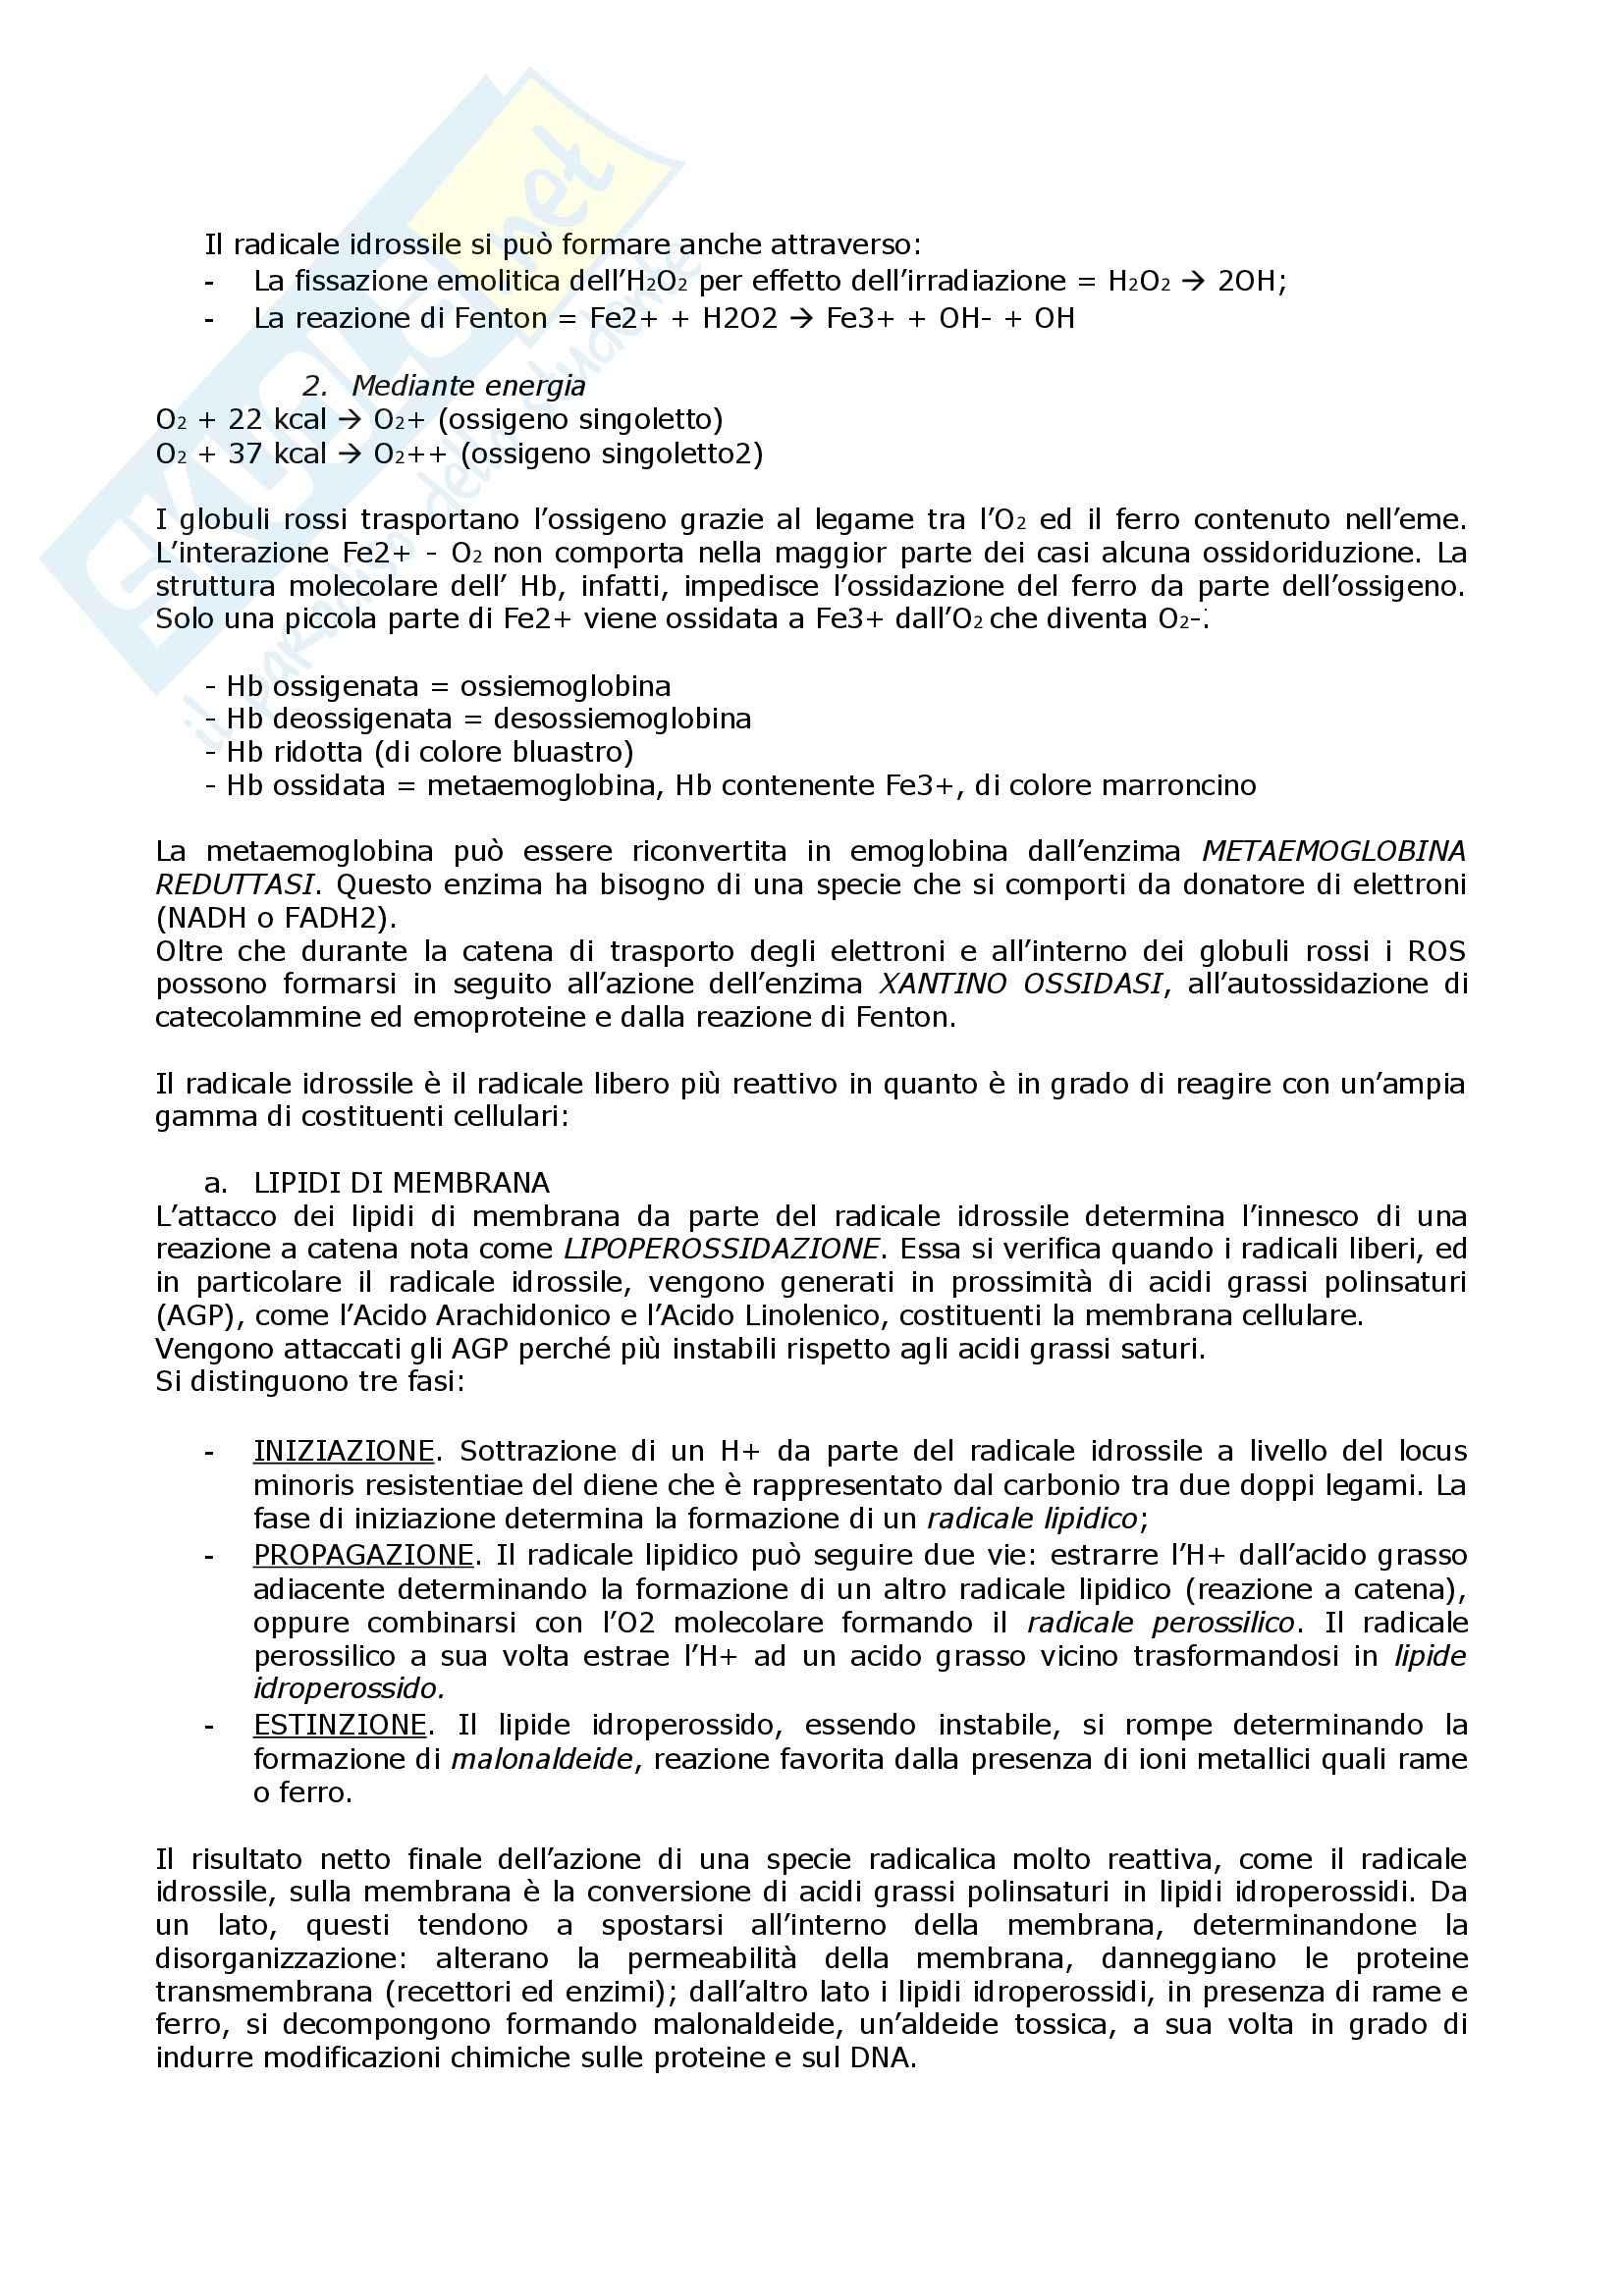 Biochimica  e Patologia clinica - Appunti Pag. 2